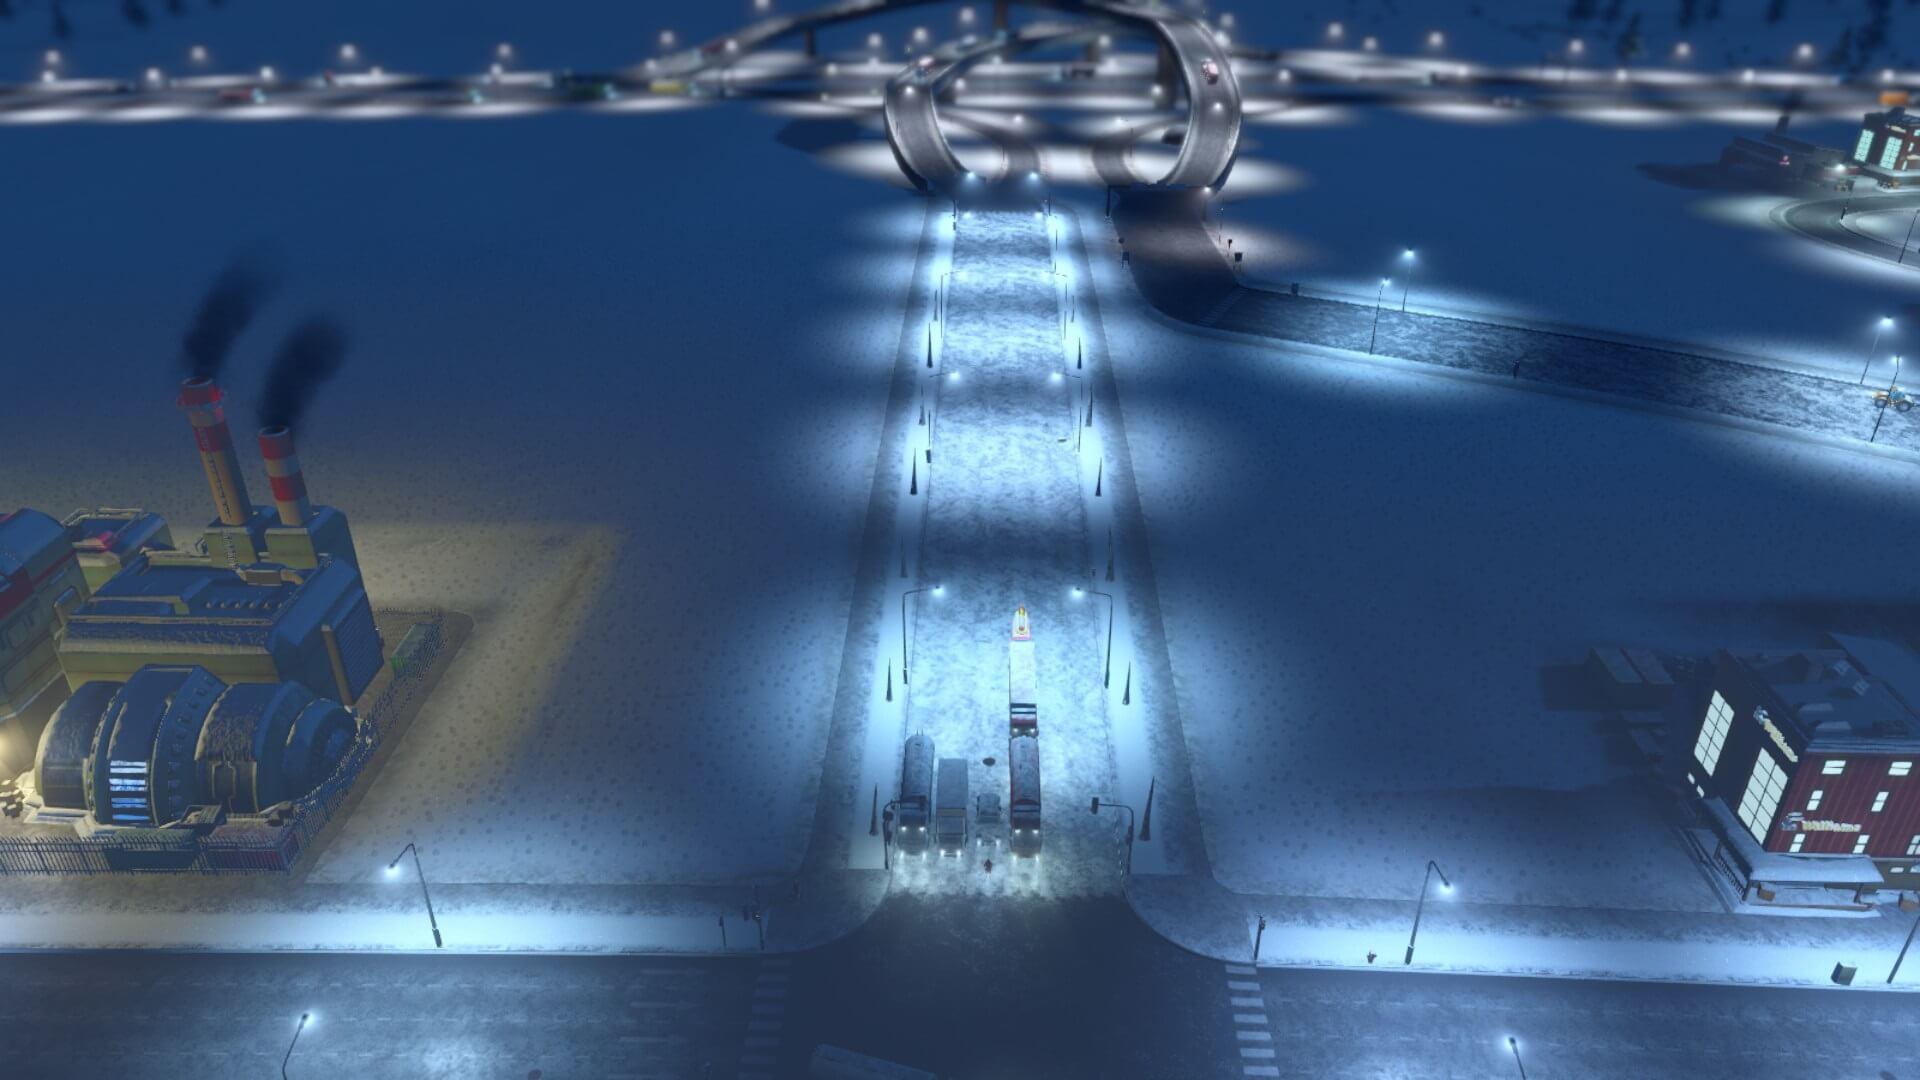 Traffic010-1-1024x576 【シティーズ スカイライン 攻略ブログ】 初心者の為の高速道路周辺の渋滞解消法 Cities:Skylines(シティーズ:スカイライン ) 街作りシミュレーションゲーム